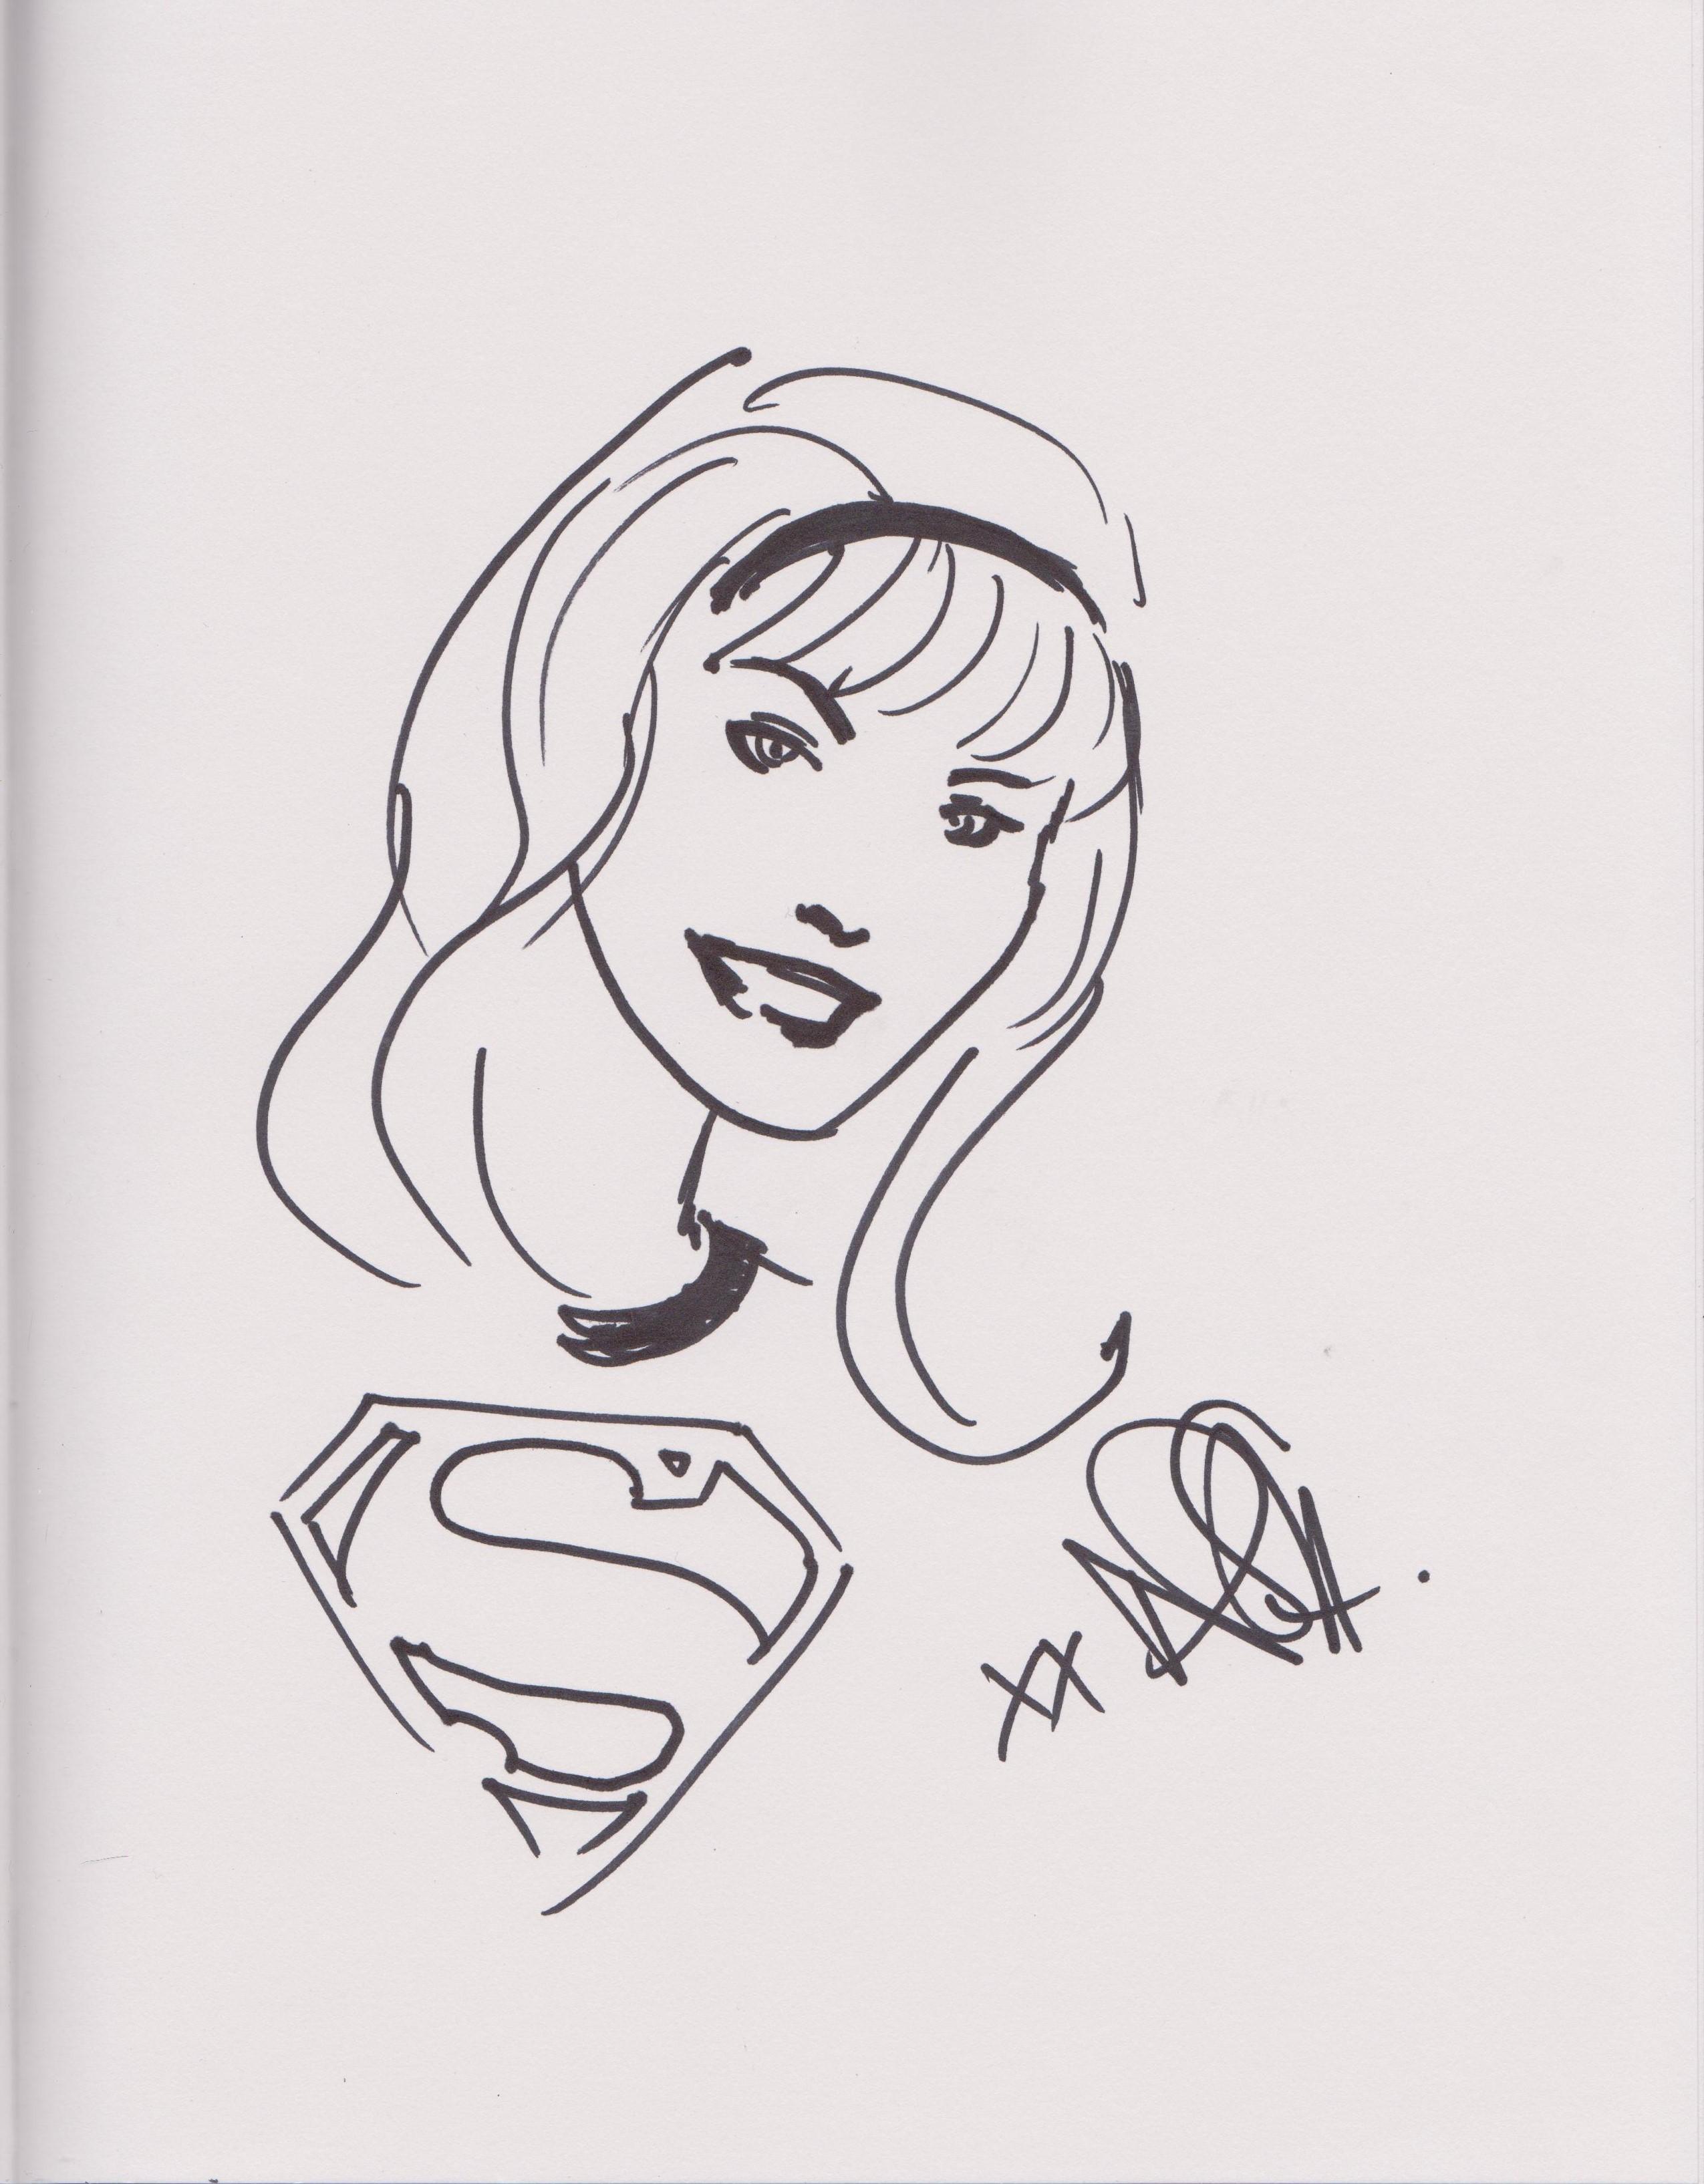 Supergirl by Nicola Scott